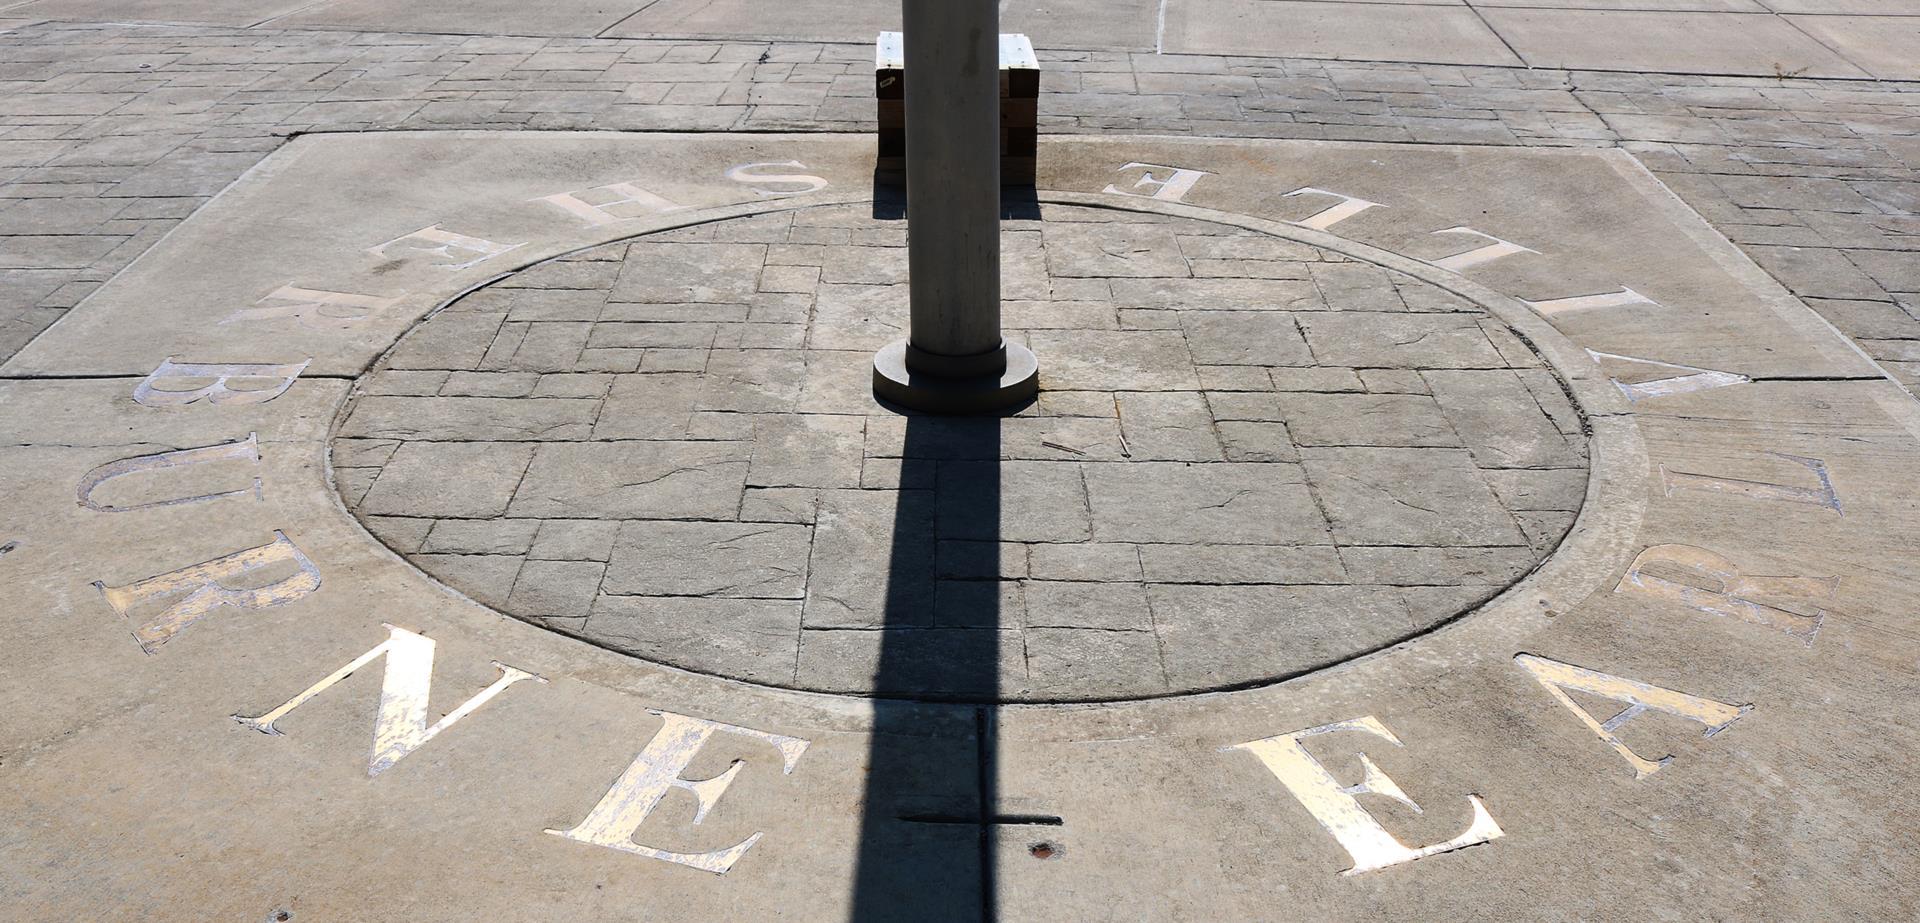 Sherburne-Earlville inscription